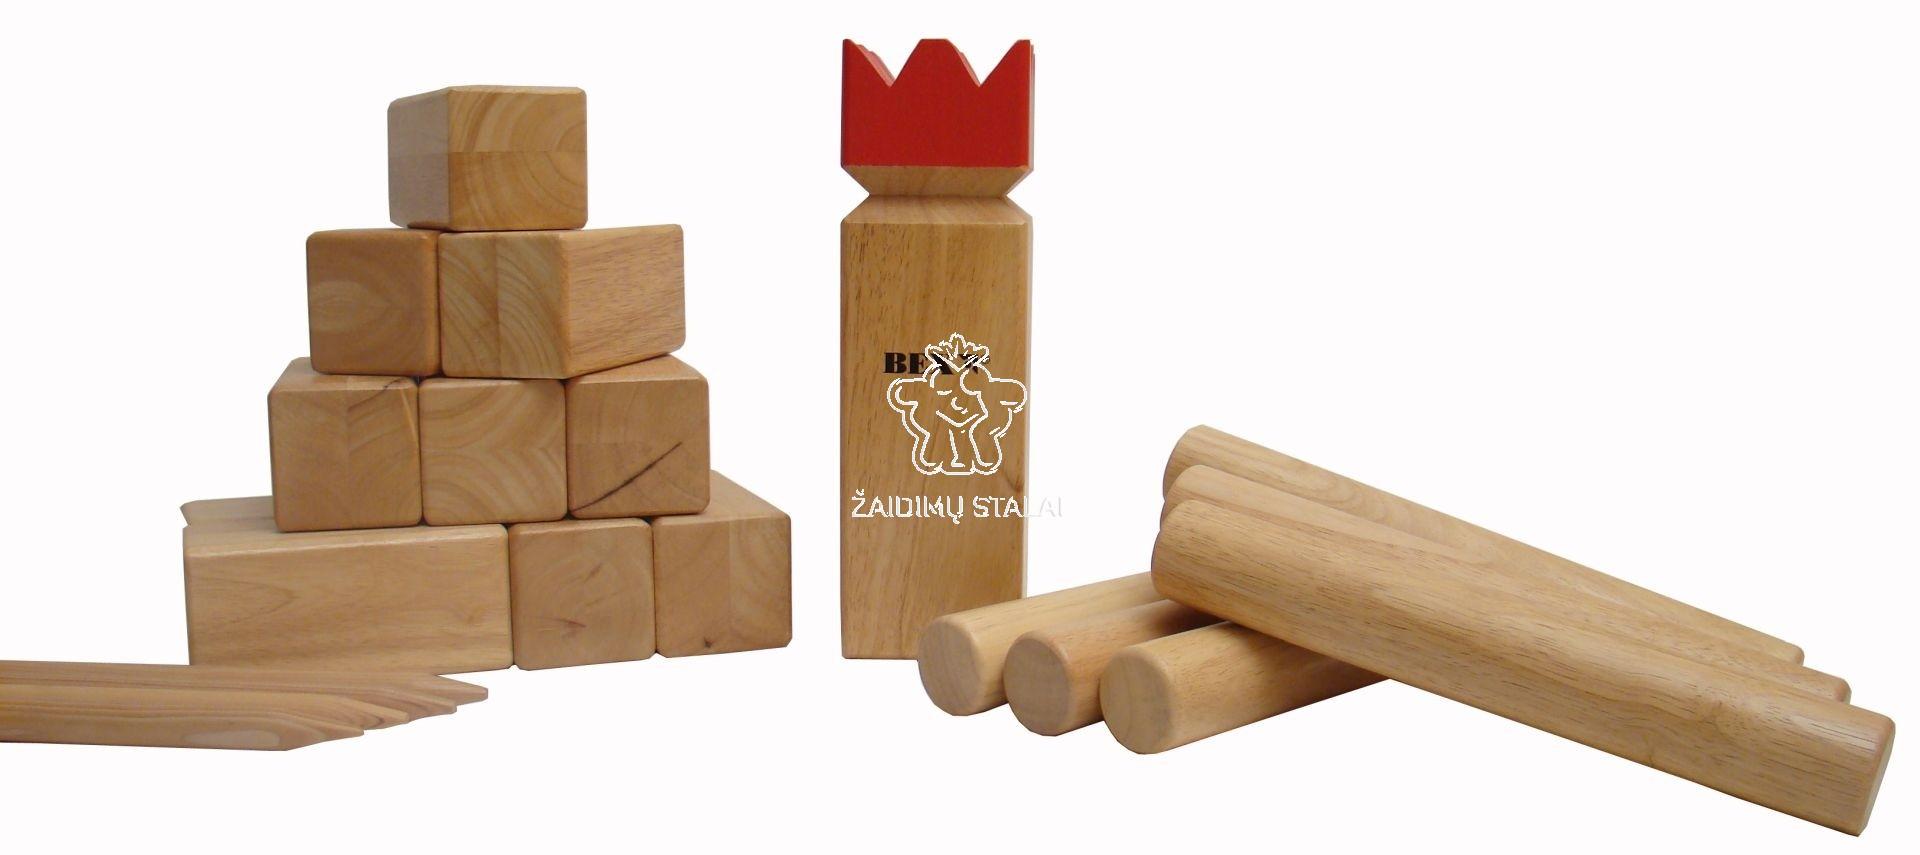 Lauko žaidimas Bex Kubb Pro, raudonas karalius